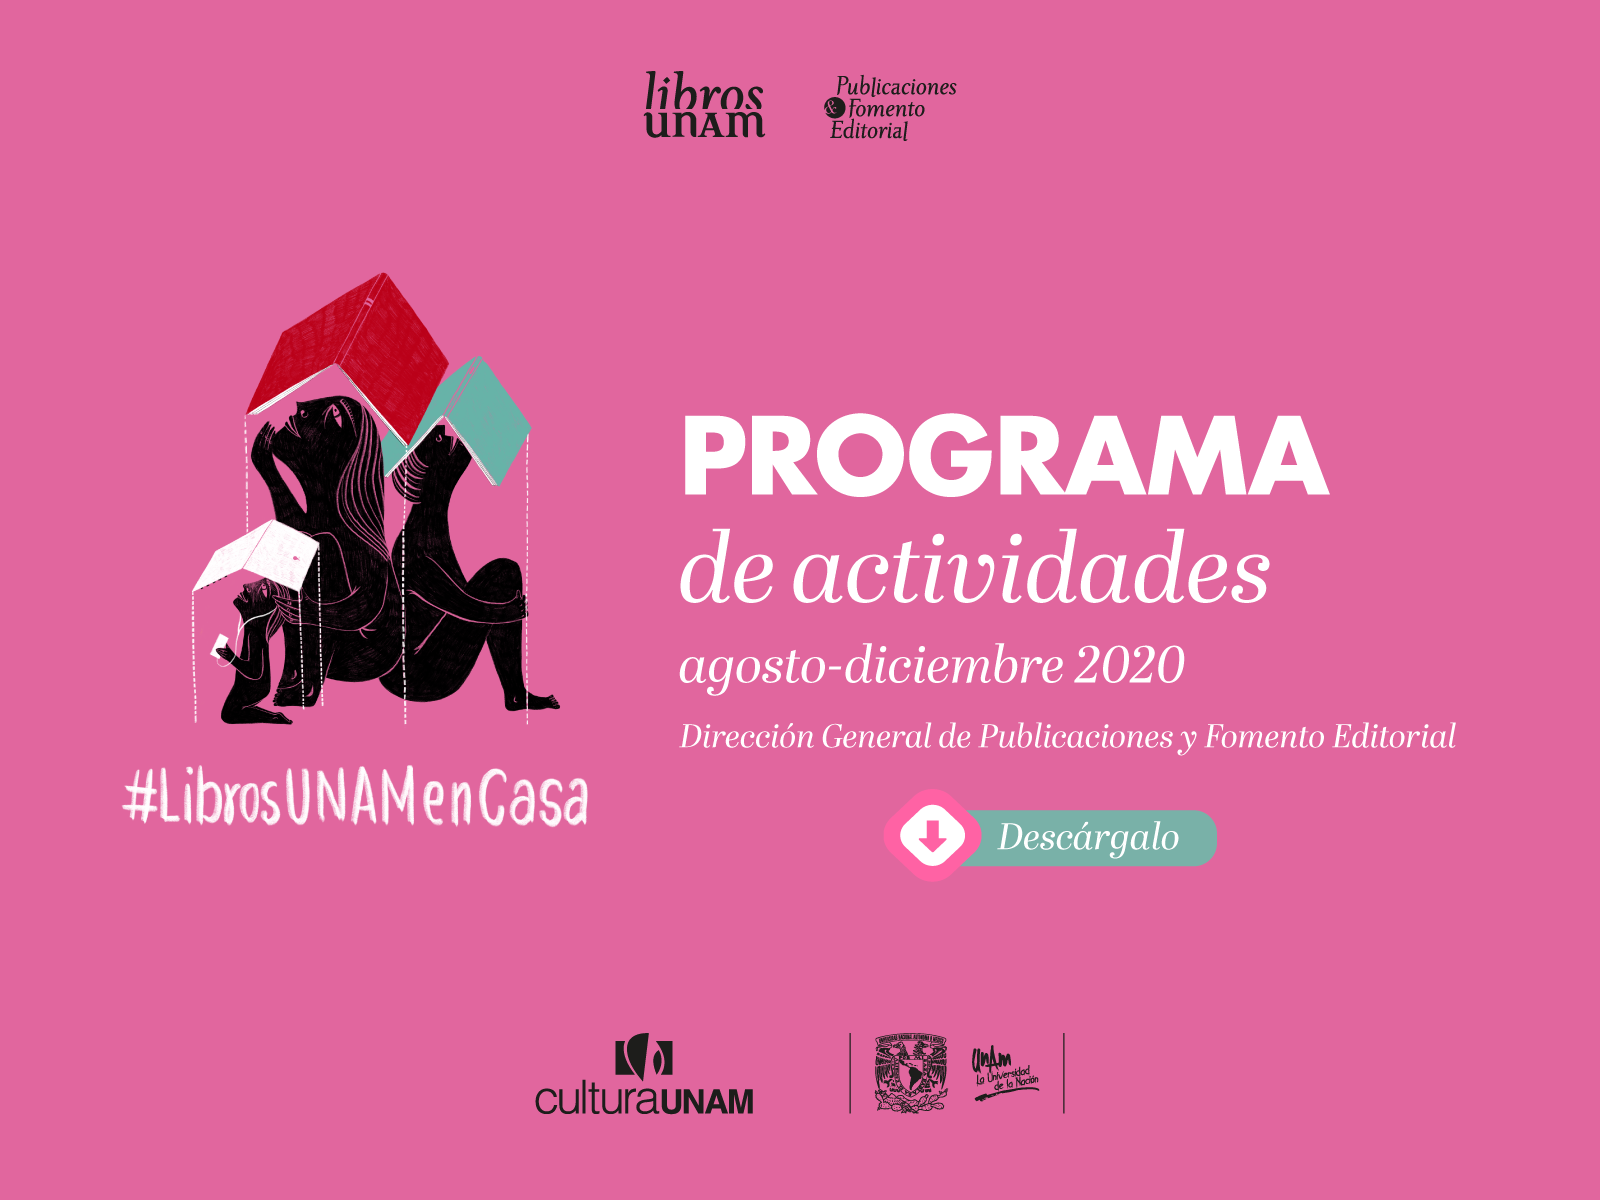 Programa de actividades agosto-diciembre 2020 Libros UNAM